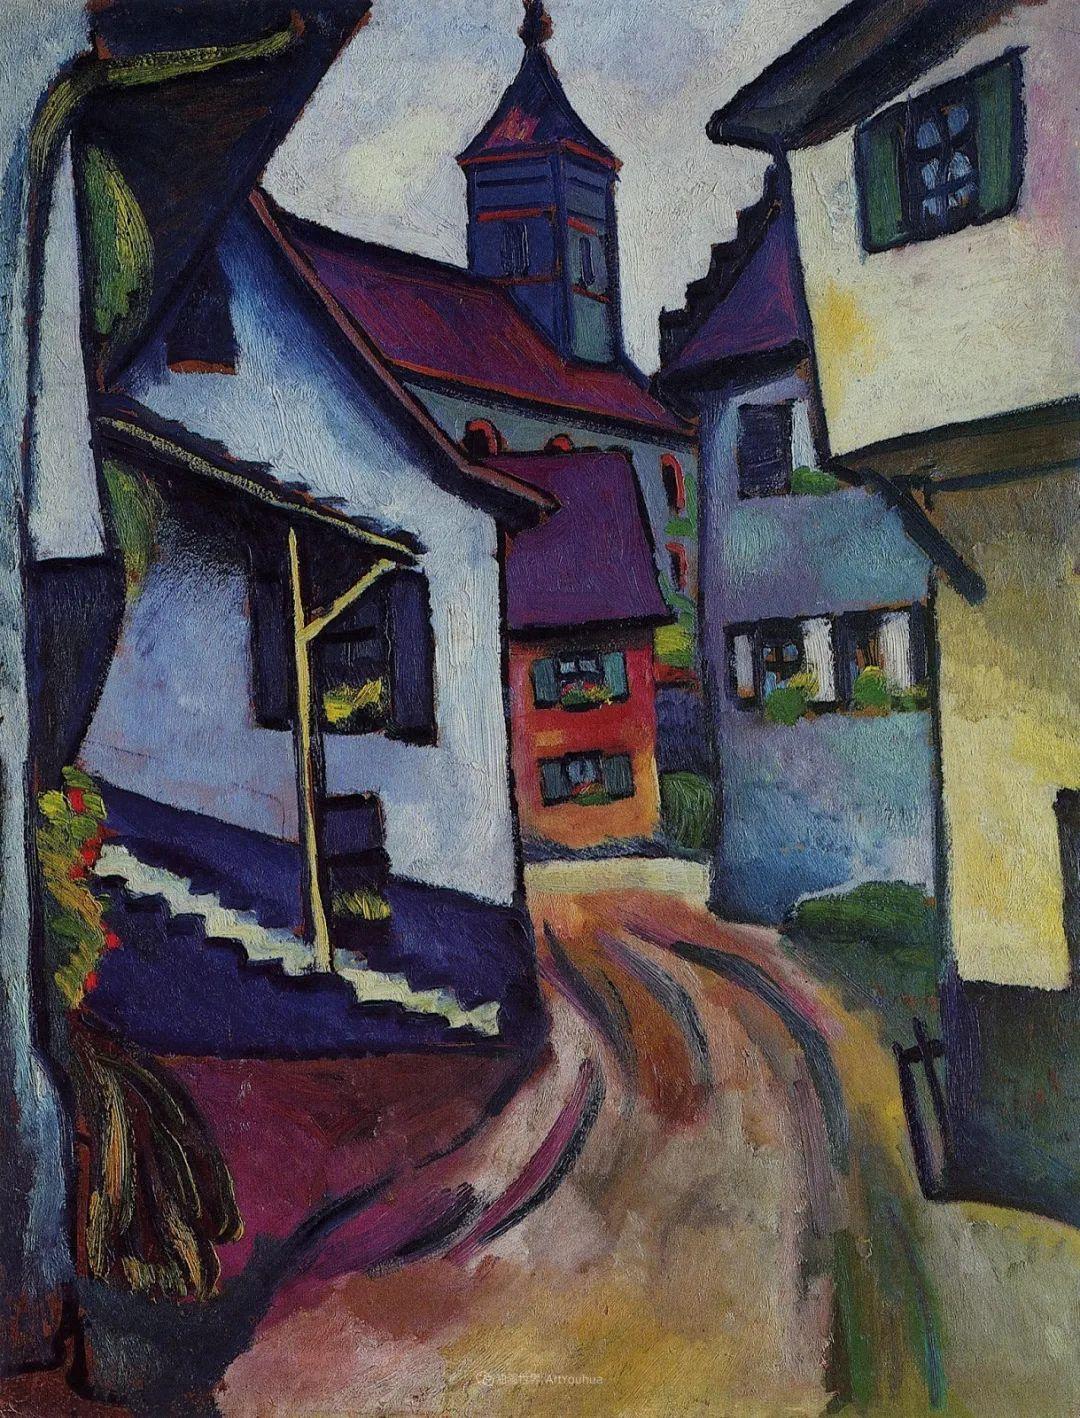 画面色彩的力量,德国表现主义画家奥古斯特·马克插图69